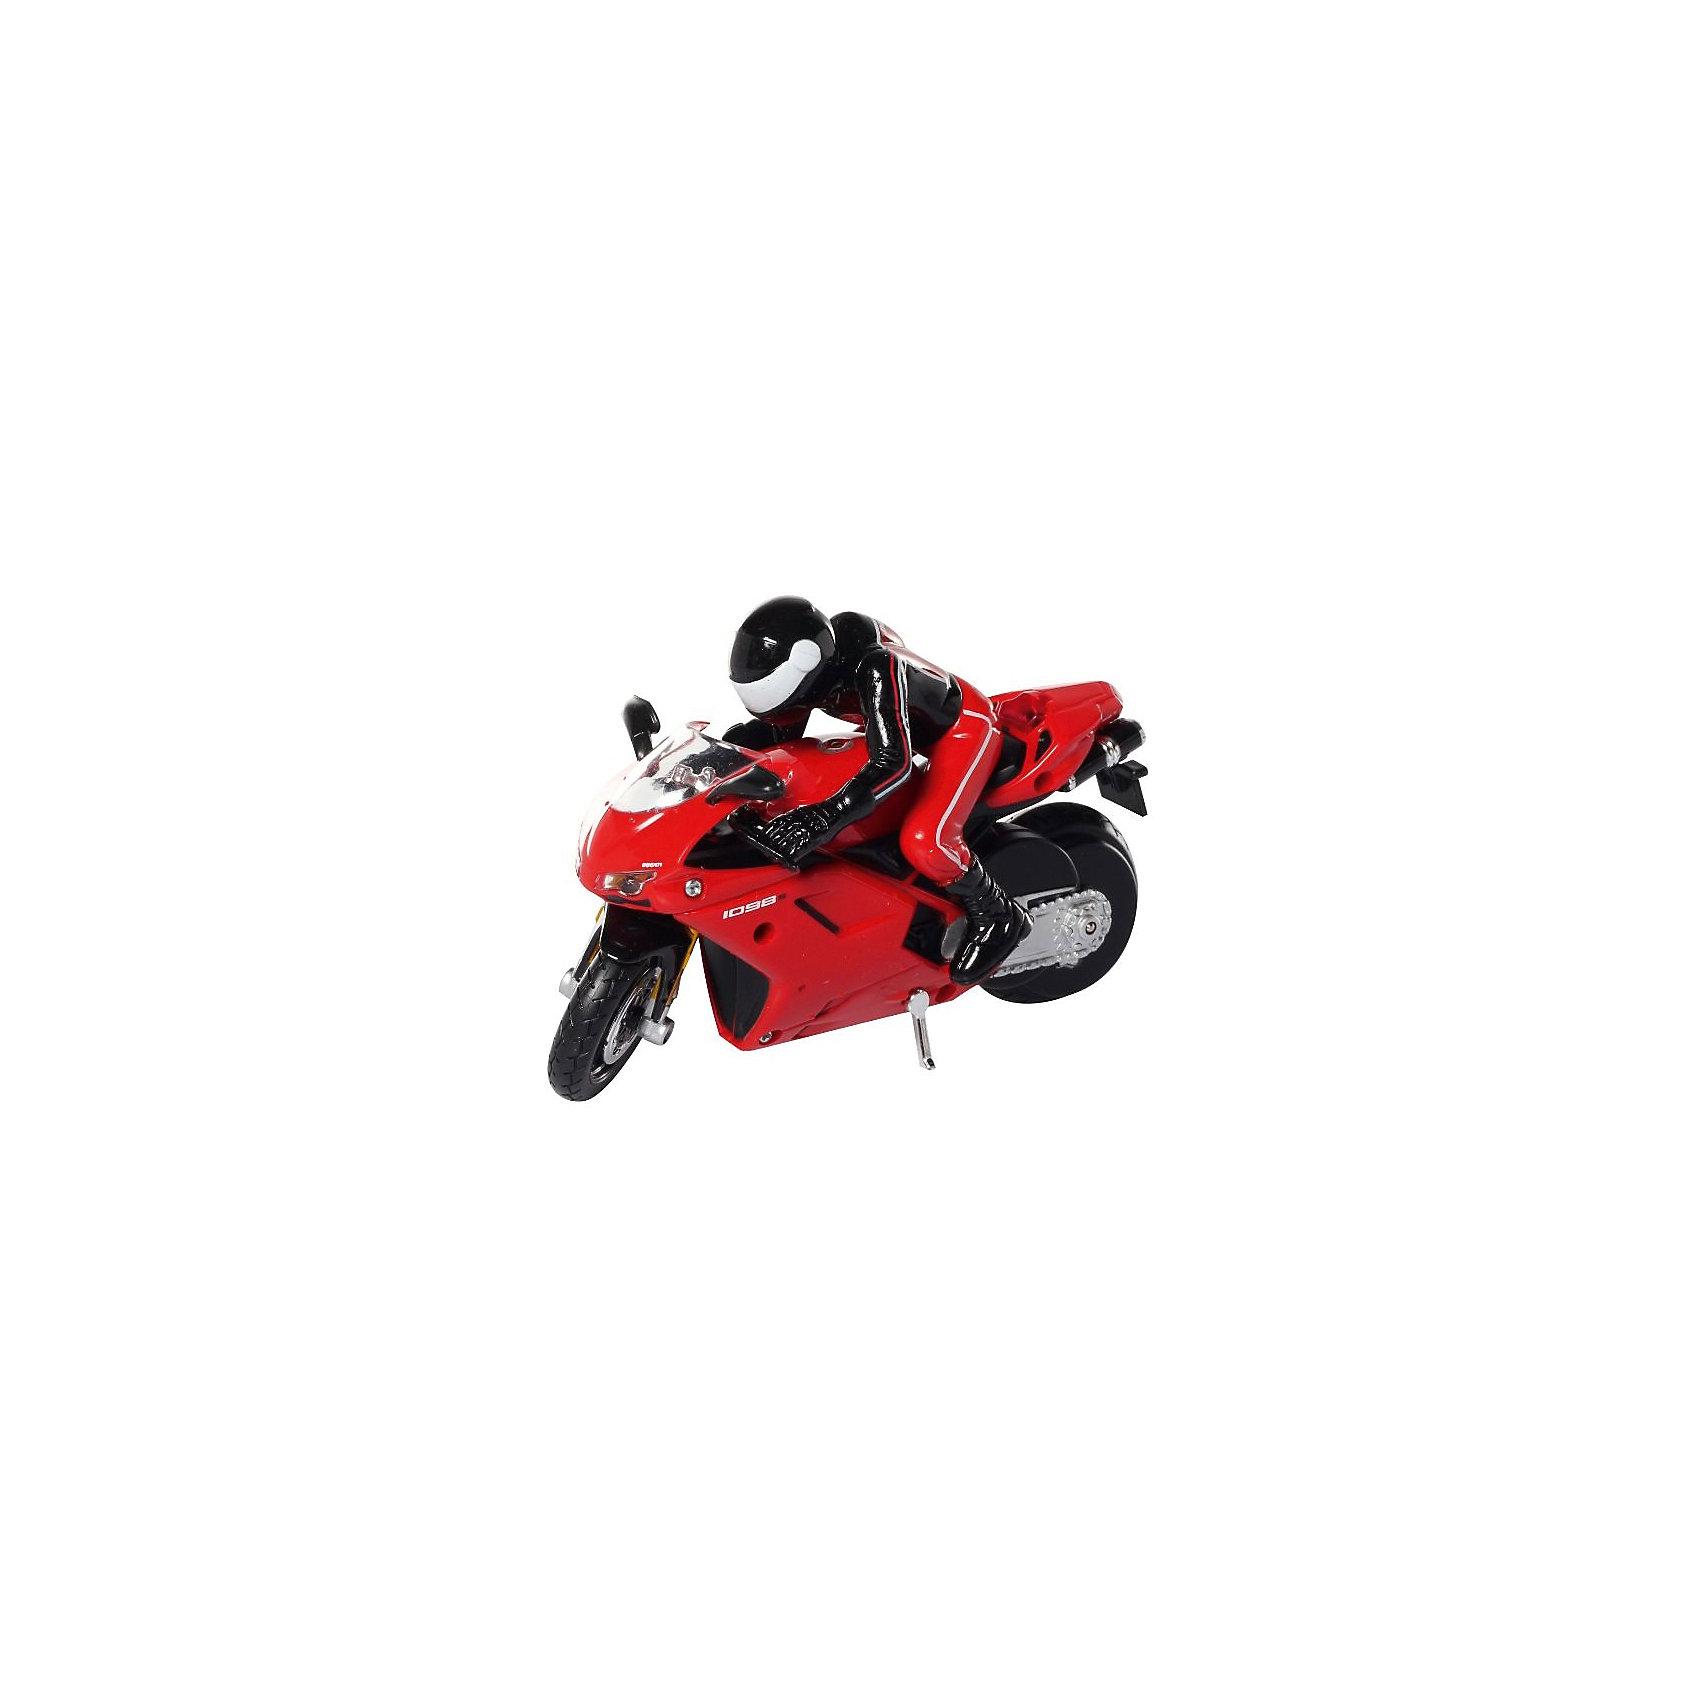 Мотоцикл Ducati 1098S на р/у, MaistoРадиоуправляемый транспорт<br>Модель представляет собой потрясающе точно выполненную копию настоящего классического мотоцикла Ducati 1098S. Мотоцикл работает при помощи инфракрасного пульта управления. Увеличение скорости контролируется кнопкой «турбо» на пульте, благодаря встроенному моховику в корпус мотоцикл удерживается в вертикальном положении.<br><br>Дополнительная информация:<br><br>- Управление: радиоуправляемая<br>- Питание: 4 батареи АА (не входят в комплект)<br>- Размеры машинки: 12 см<br>- Материал: пластик, металл<br><br>Мотоцикл Ducati 1098S на р/у, Maisto можно купить в нашем интернет-магазине.<br><br>Ширина мм: 70<br>Глубина мм: 262<br>Высота мм: 185<br>Вес г: 466<br>Возраст от месяцев: 36<br>Возраст до месяцев: 72<br>Пол: Мужской<br>Возраст: Детский<br>SKU: 2462969